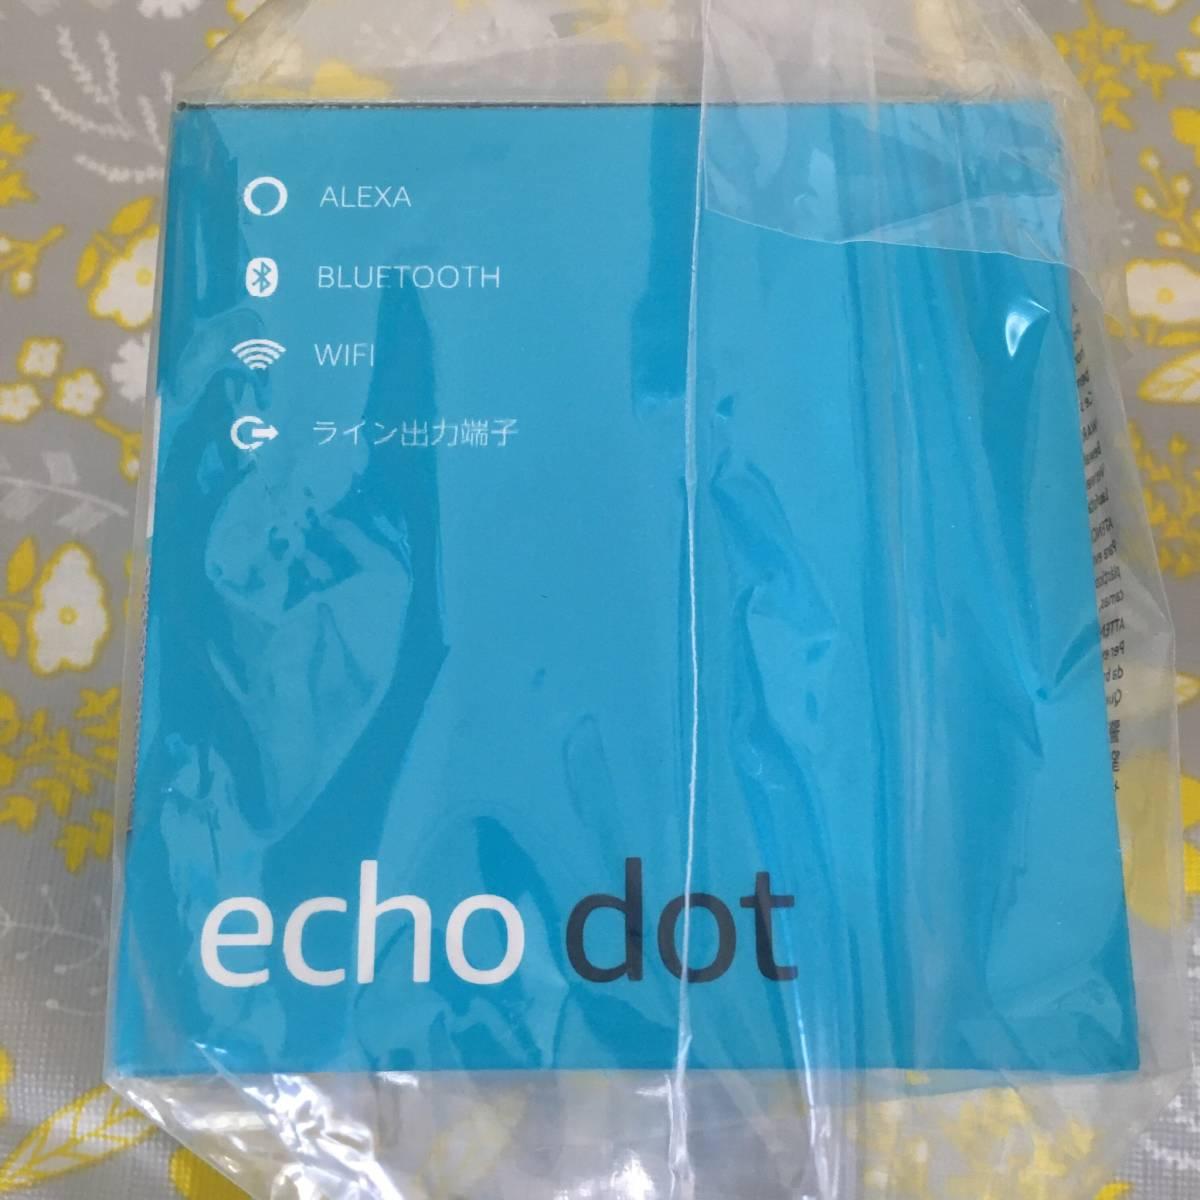 SD♪送0♪Amazon Echo Dot 第3世代 (Newモデル) ヘザーグレー Alexa 家電 スマートスピーカー 音声操作 アマゾン アレクサ_画像4